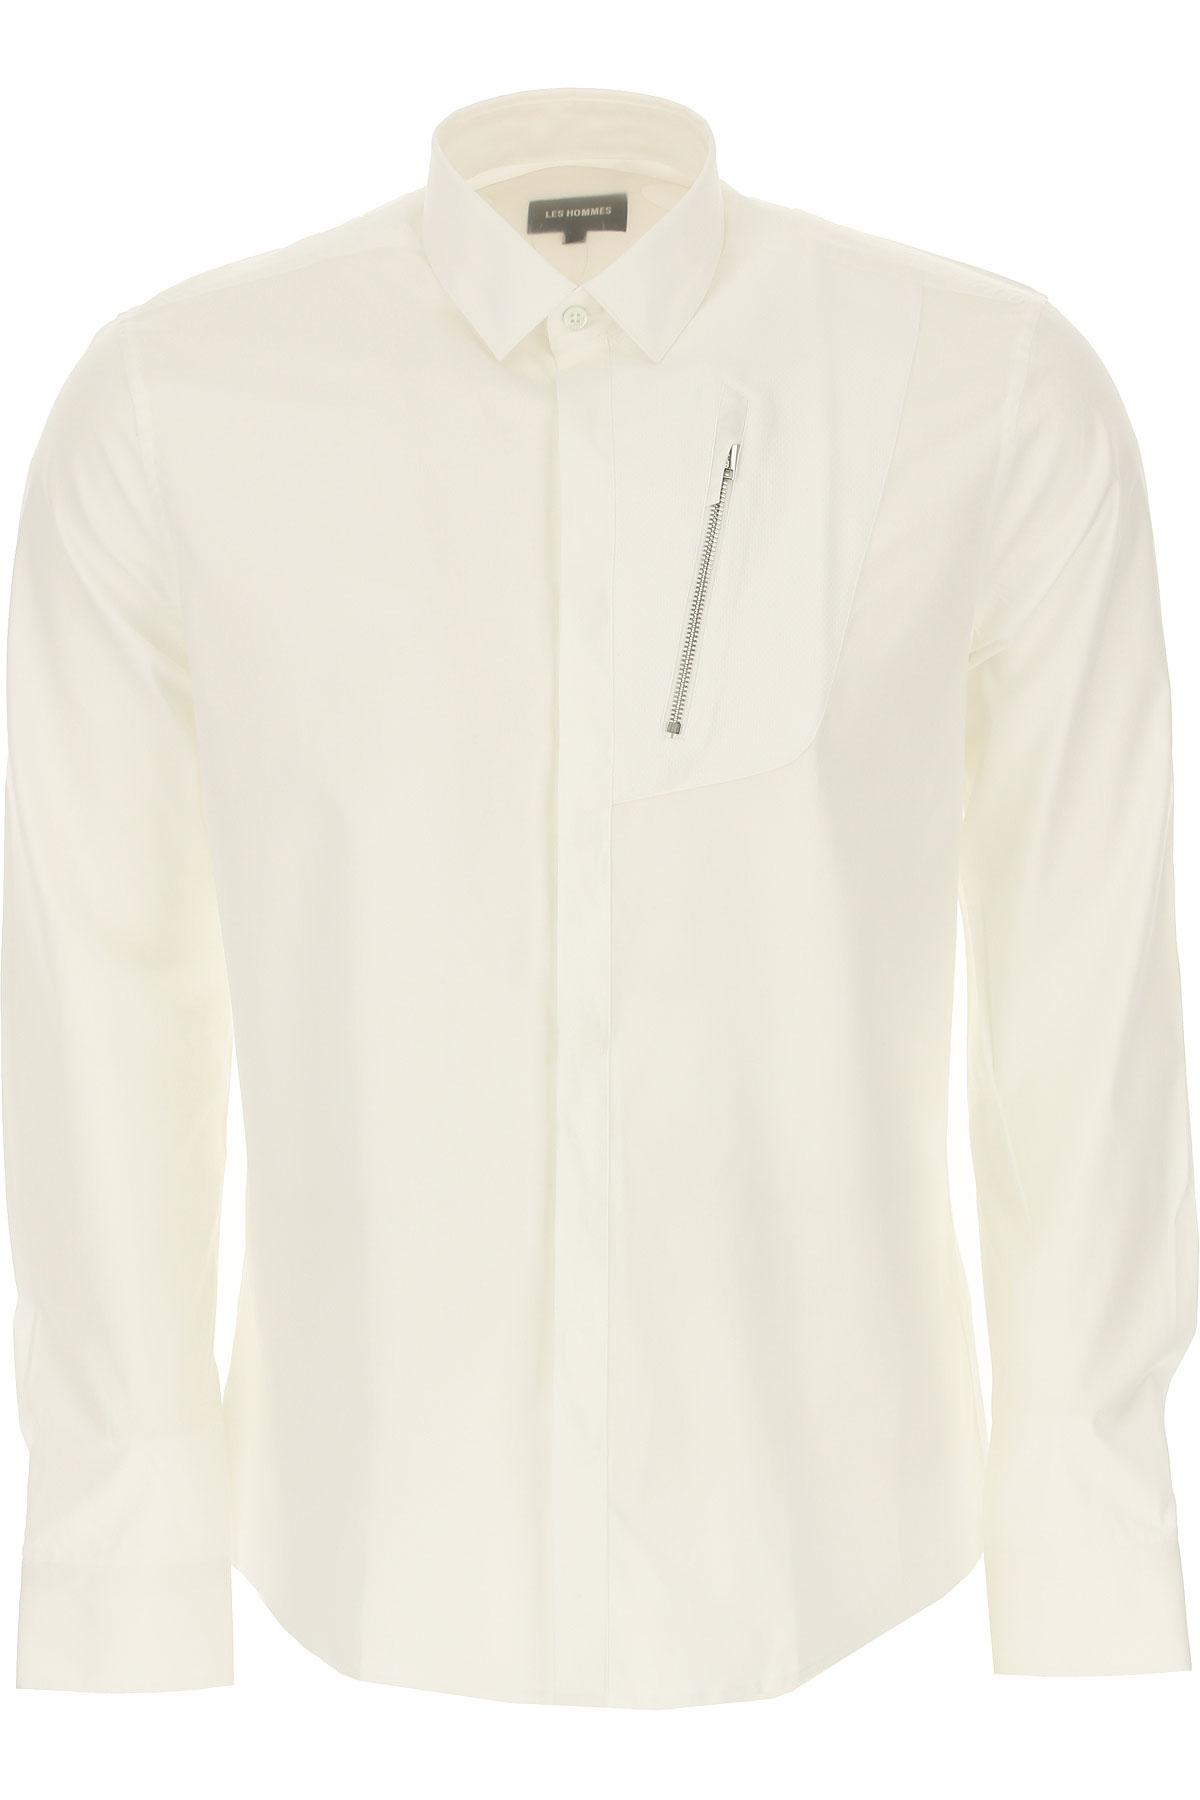 Les Hommes Shirt for Men On Sale, White, Cotton, 2019, L M XL